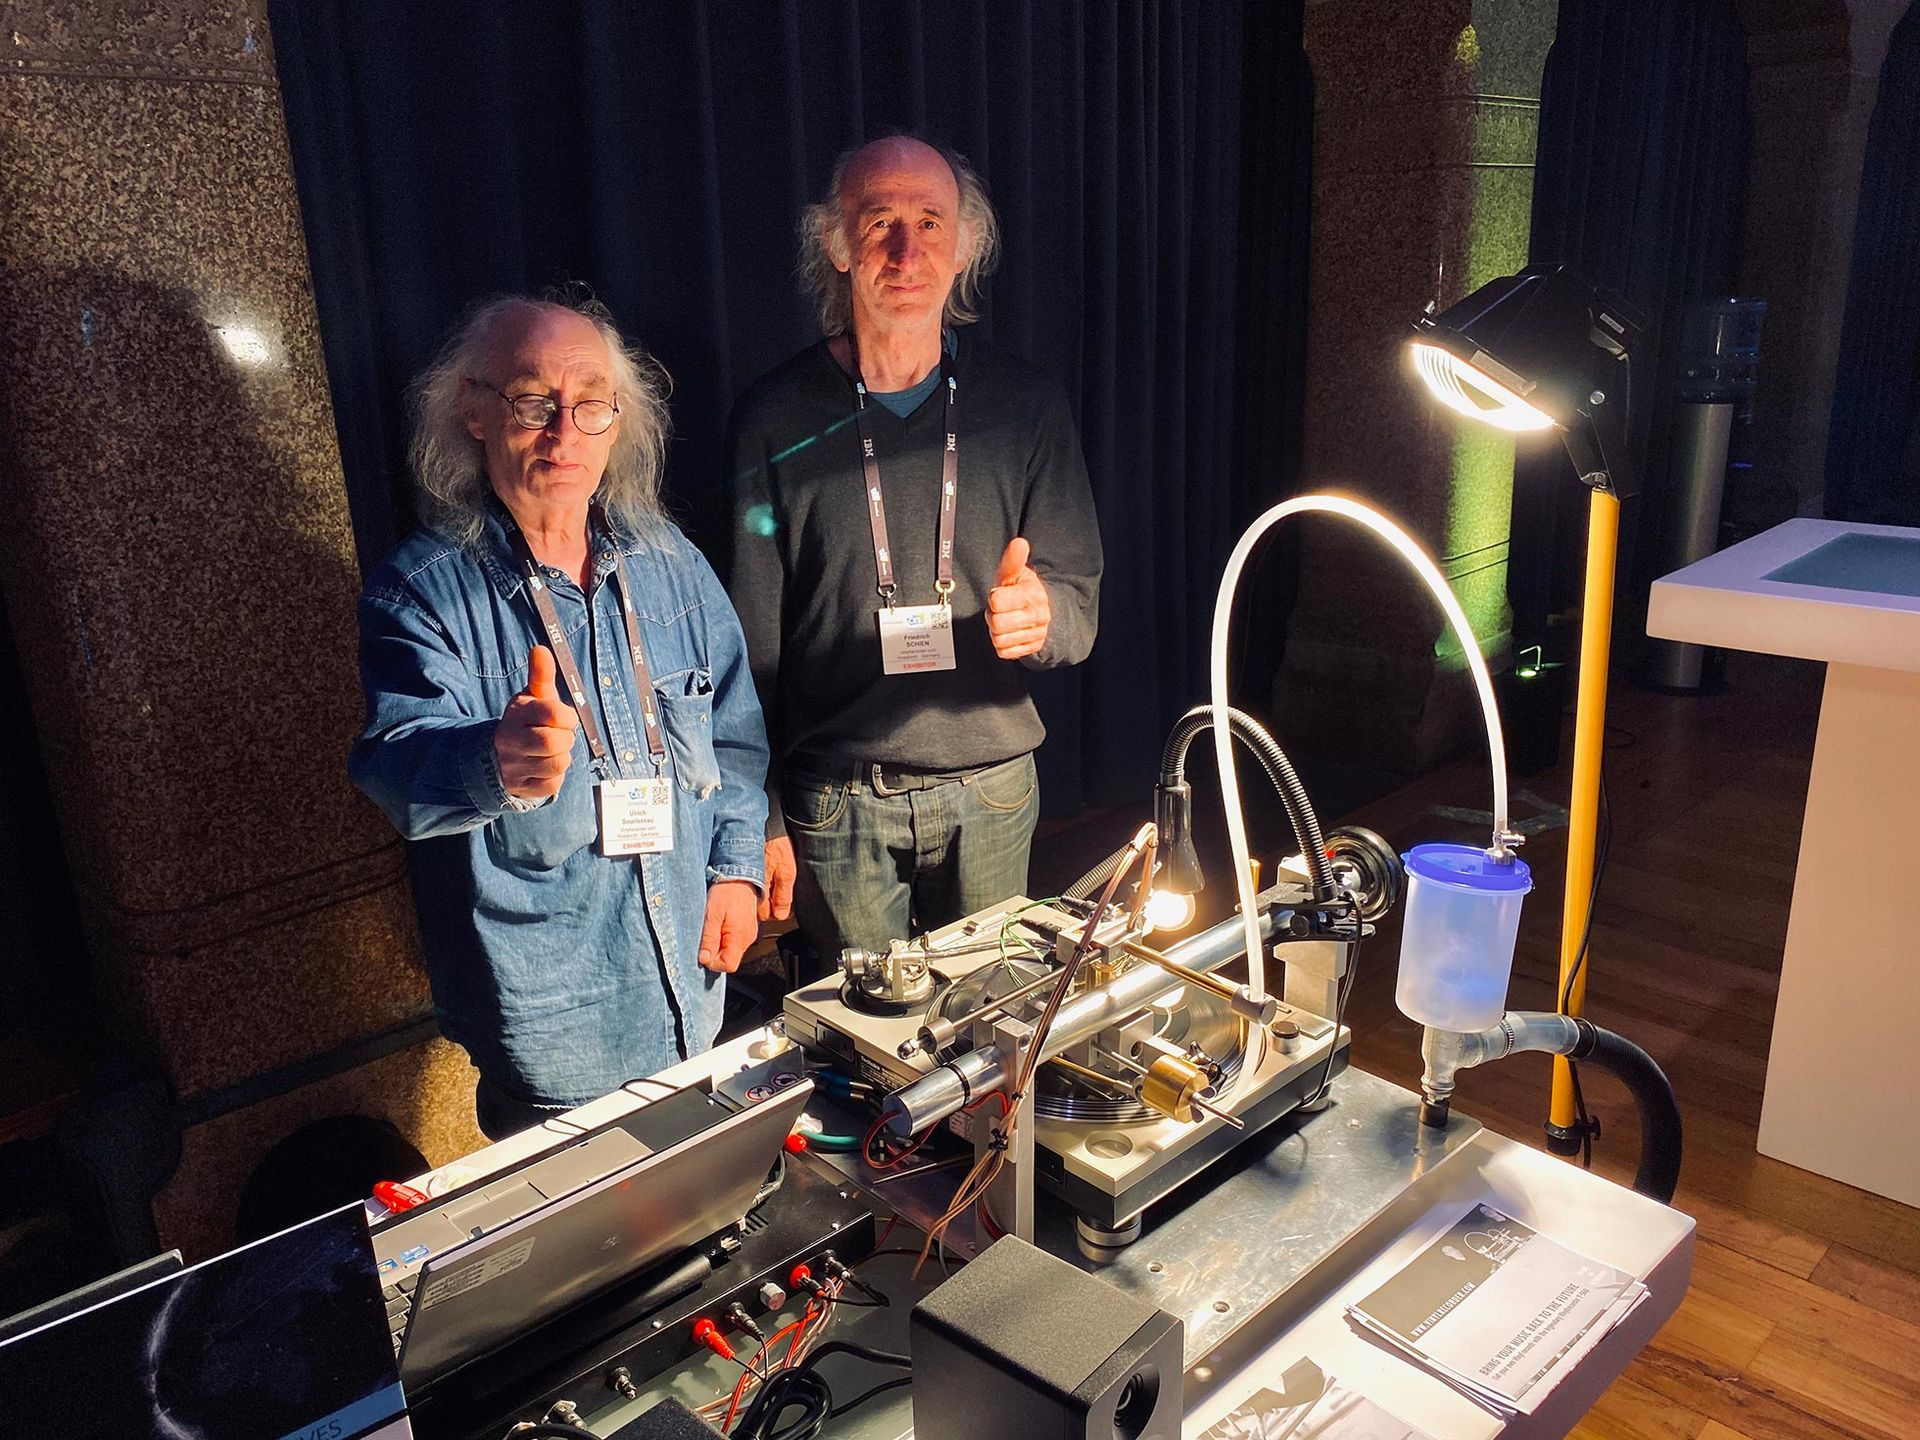 Två herrar gör maskin som spelar in vinylskivor